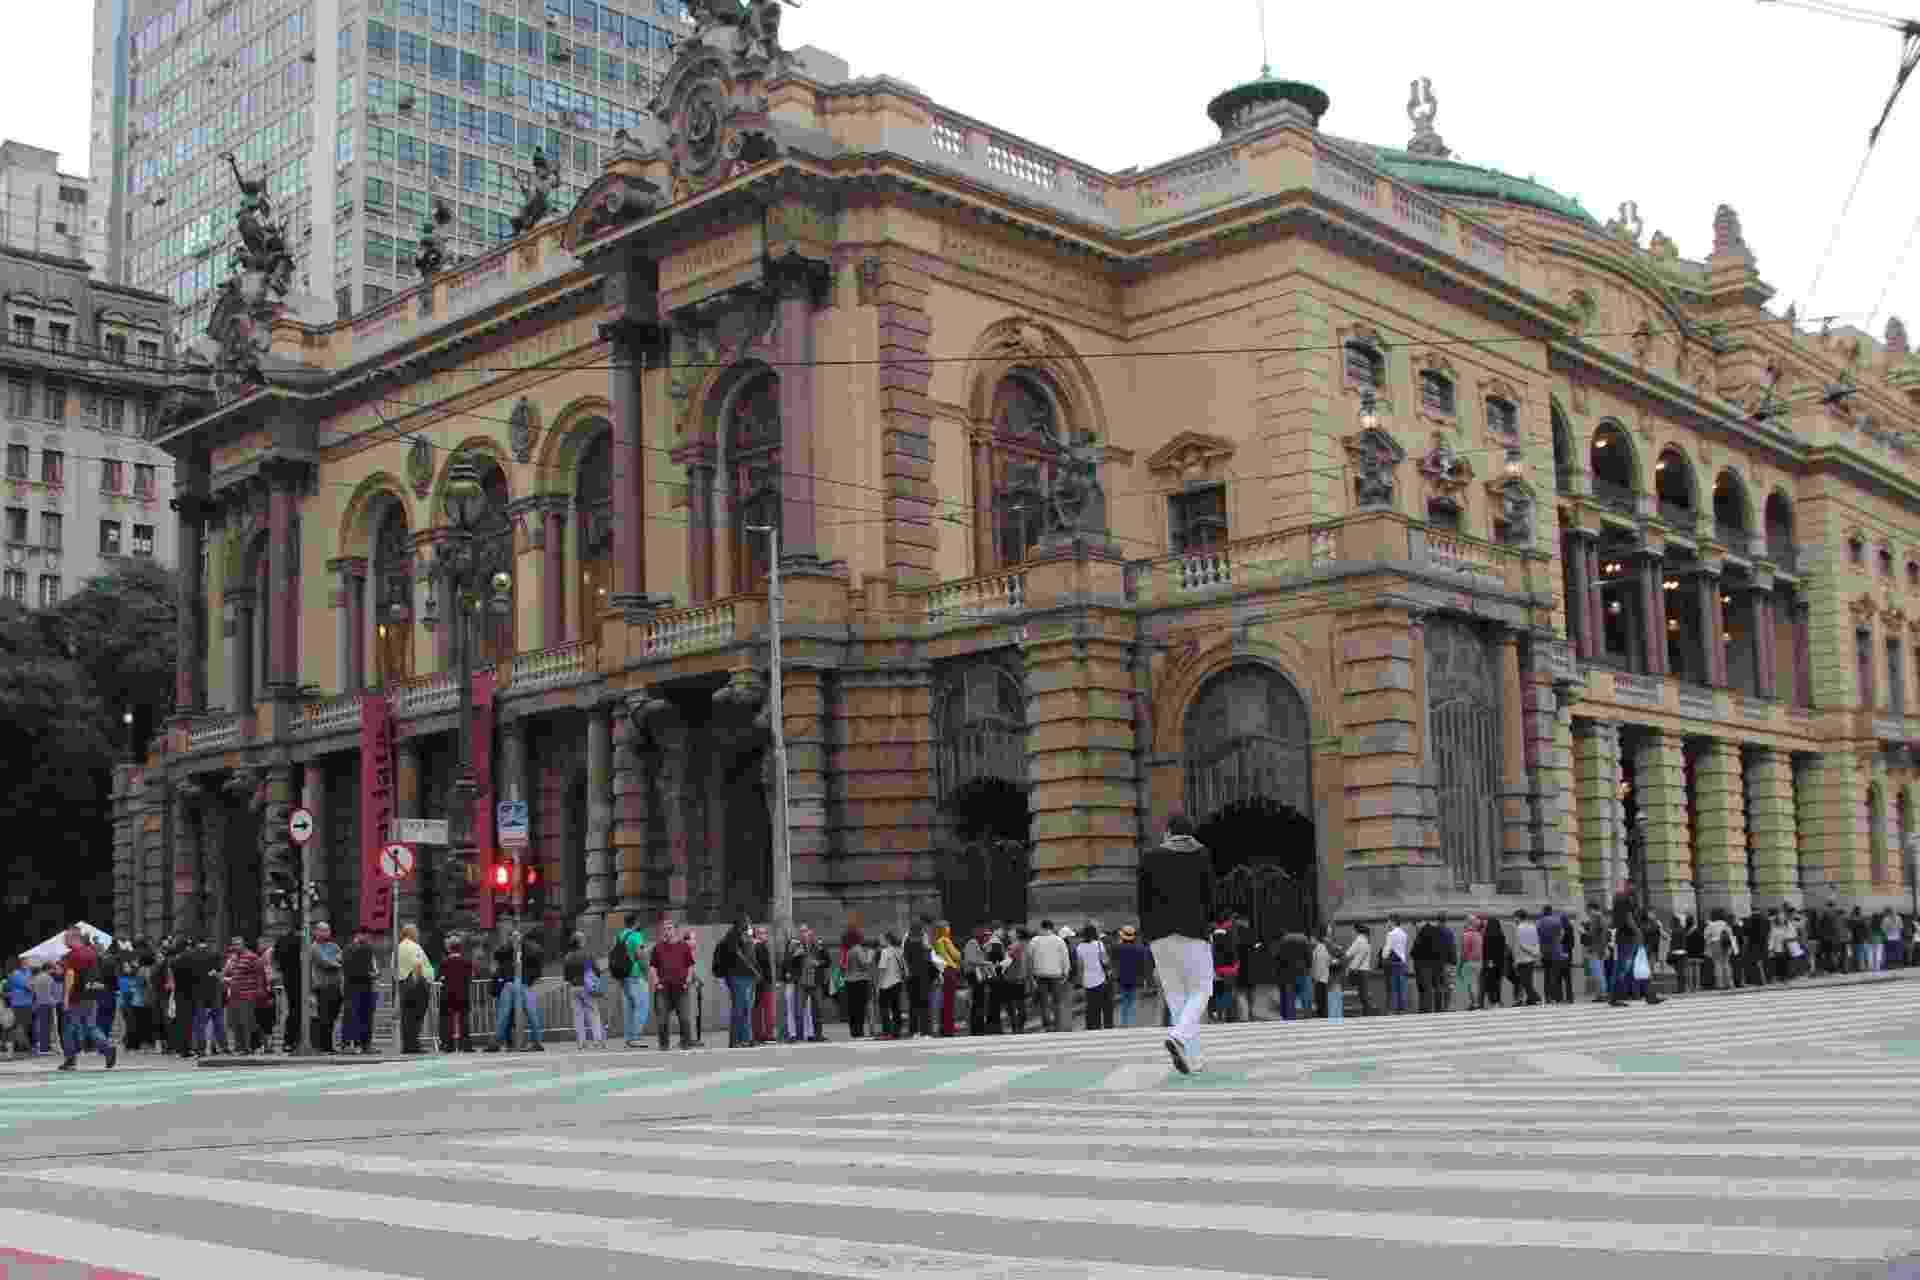 Público chega ao Teatro Municipal de São Paulo neste sábado (19) para assistir a Ópera La Traviata, que abre a programação da Virada Cultural - Henrique Barreto/Futura Press